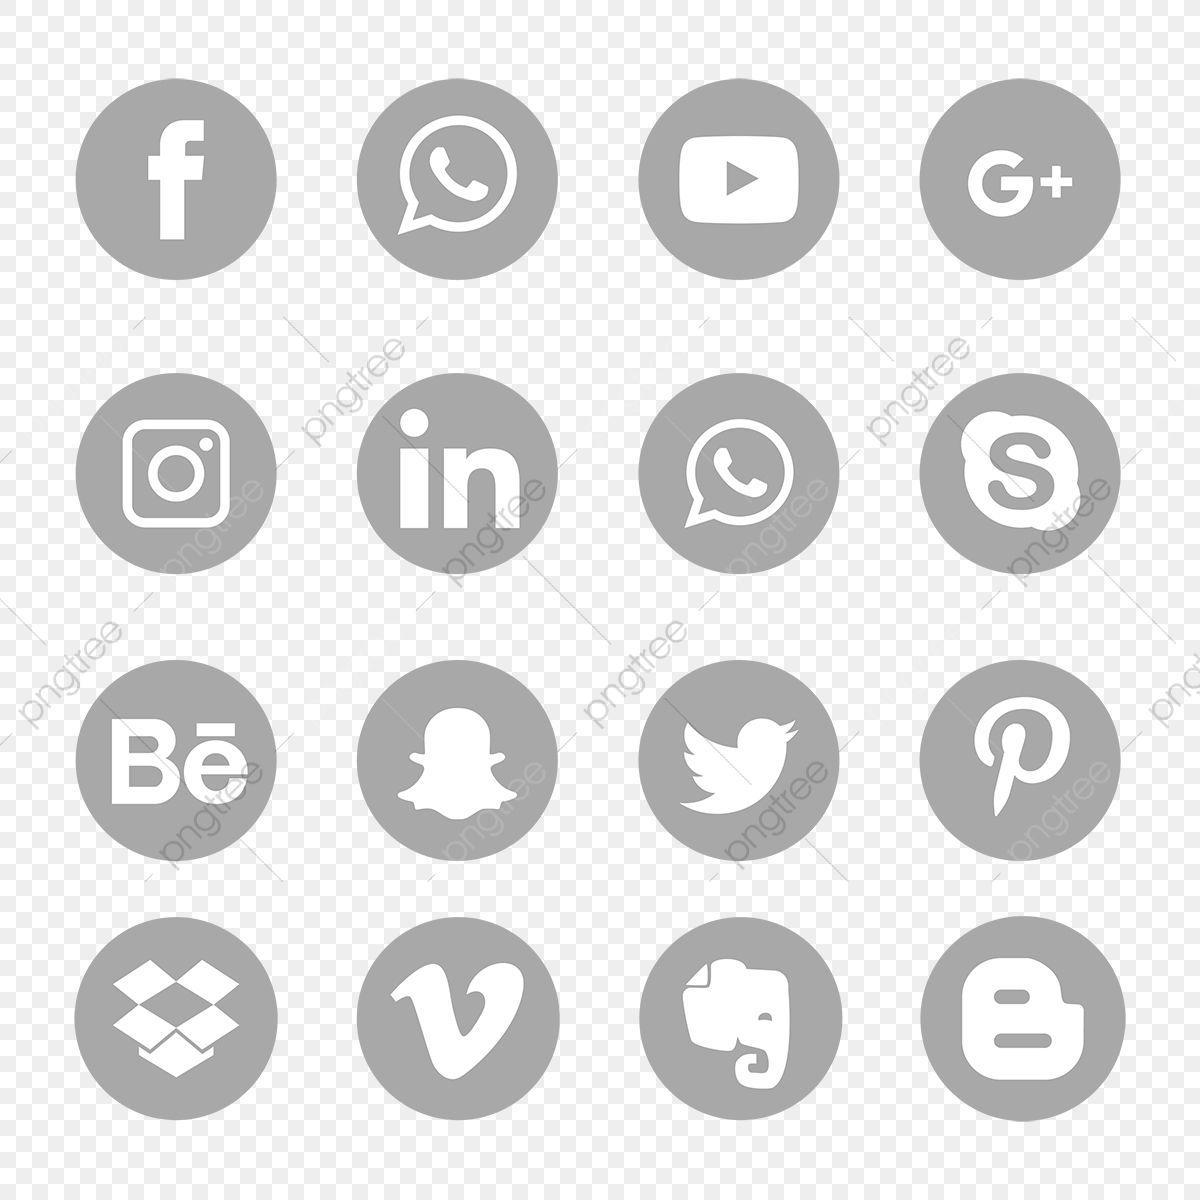 Conjunto De Icones De Midia Social Cinza Simbolo Icones Sociais Icones De Midia Social Midia Social Imagem Png E Vetor Para Download Gratuito Social Media Icons Vector Social Media Icons Snapchat